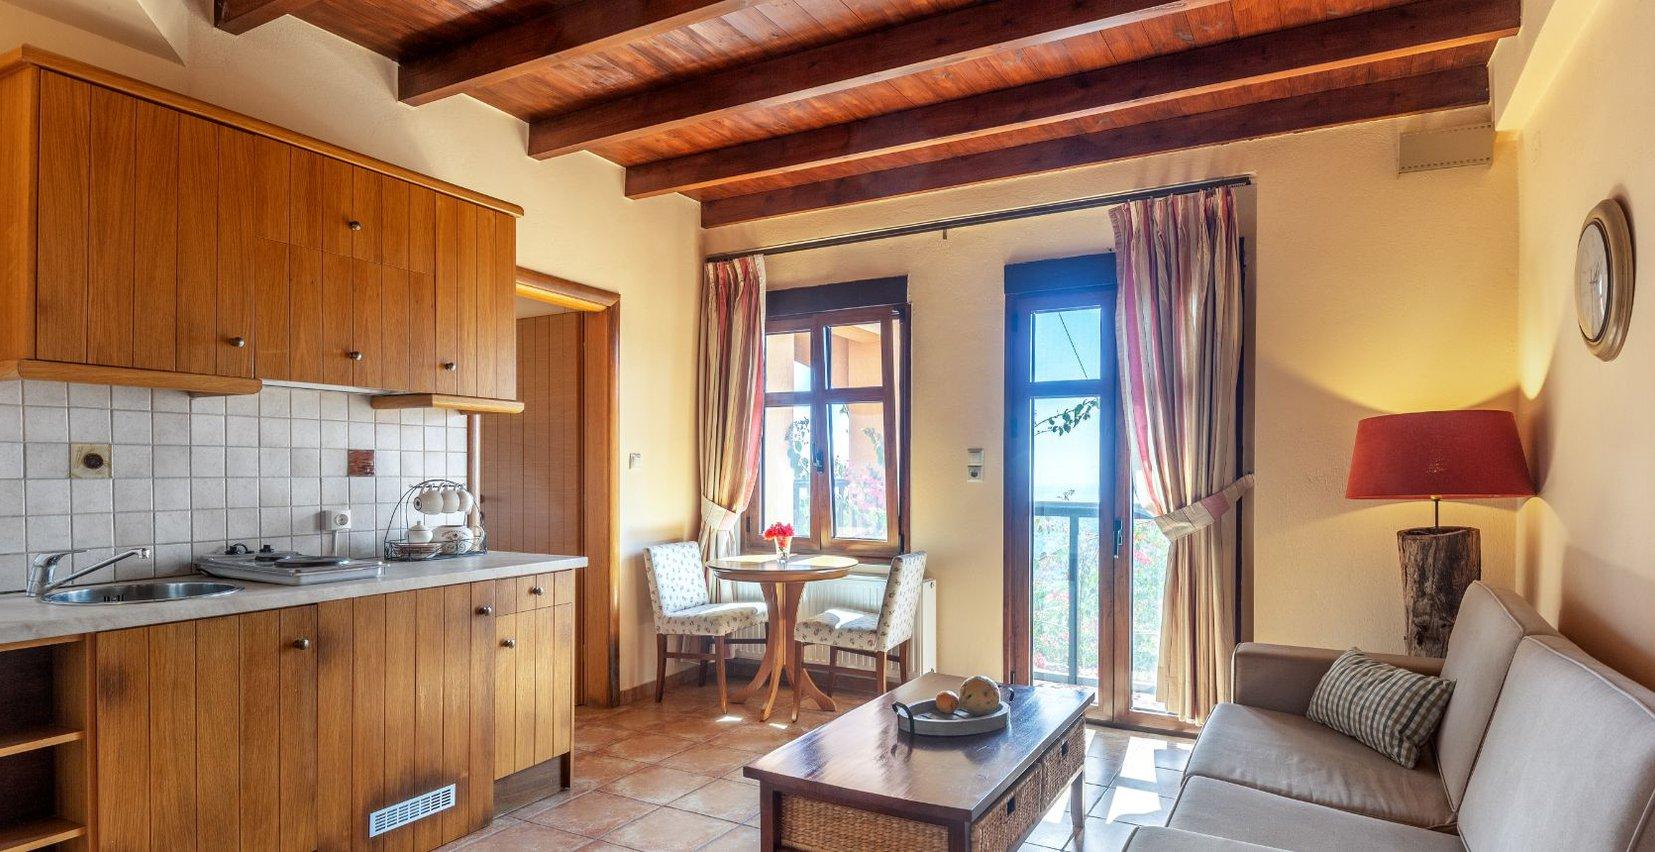 Η κουζίνα και το σαλόνι της μεζονέτας με το νεροχύτη, τα συρτάρια, τα μάτια της κουζίνας, το τραπέζι με τις καρέκλες, ο καναπές με το τραπεζάκι του καφέ και η μπαλκονόπορτα με την όμορφη θέα